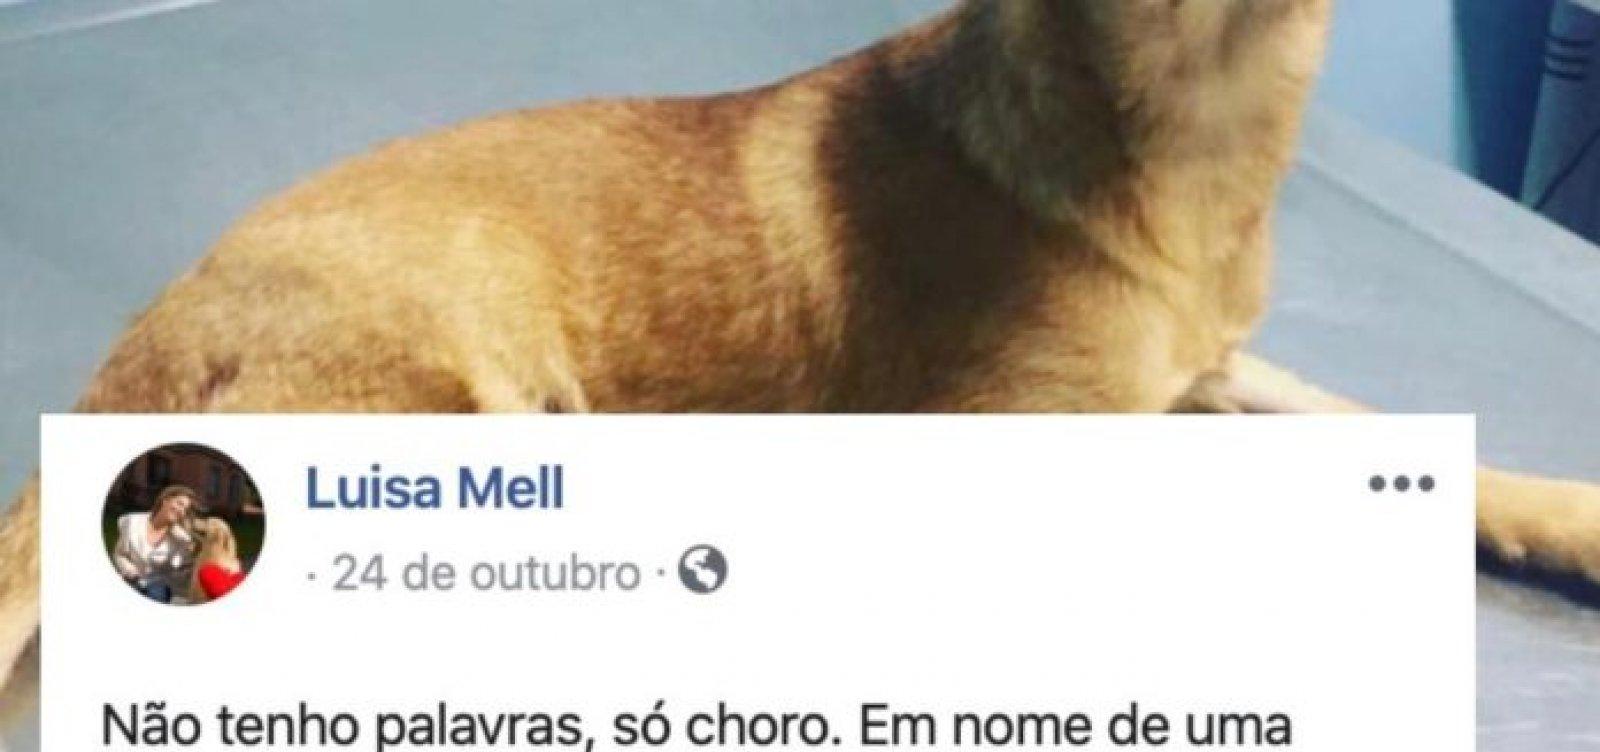 Casa de Oxumarê notifica Facebook por postagens 'difamatórias e ofensivas' de Luisa Mell